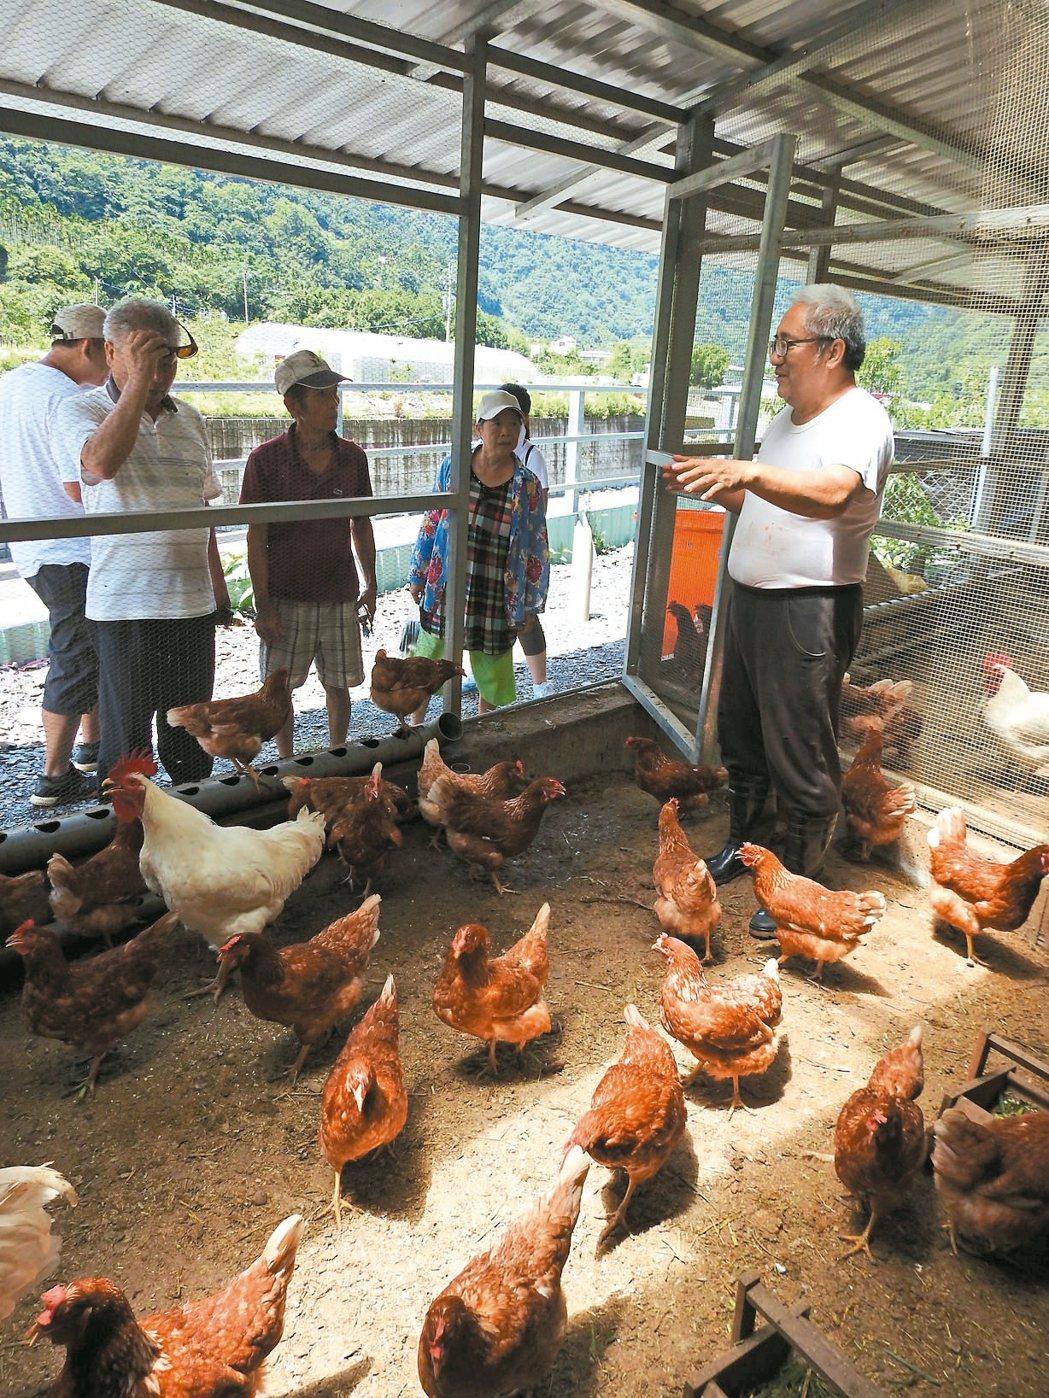 瓦歷斯.貝林向來訪遊客說明雞舍空間,以及創設農場的理念和願景。 記者賴香珊/攝影